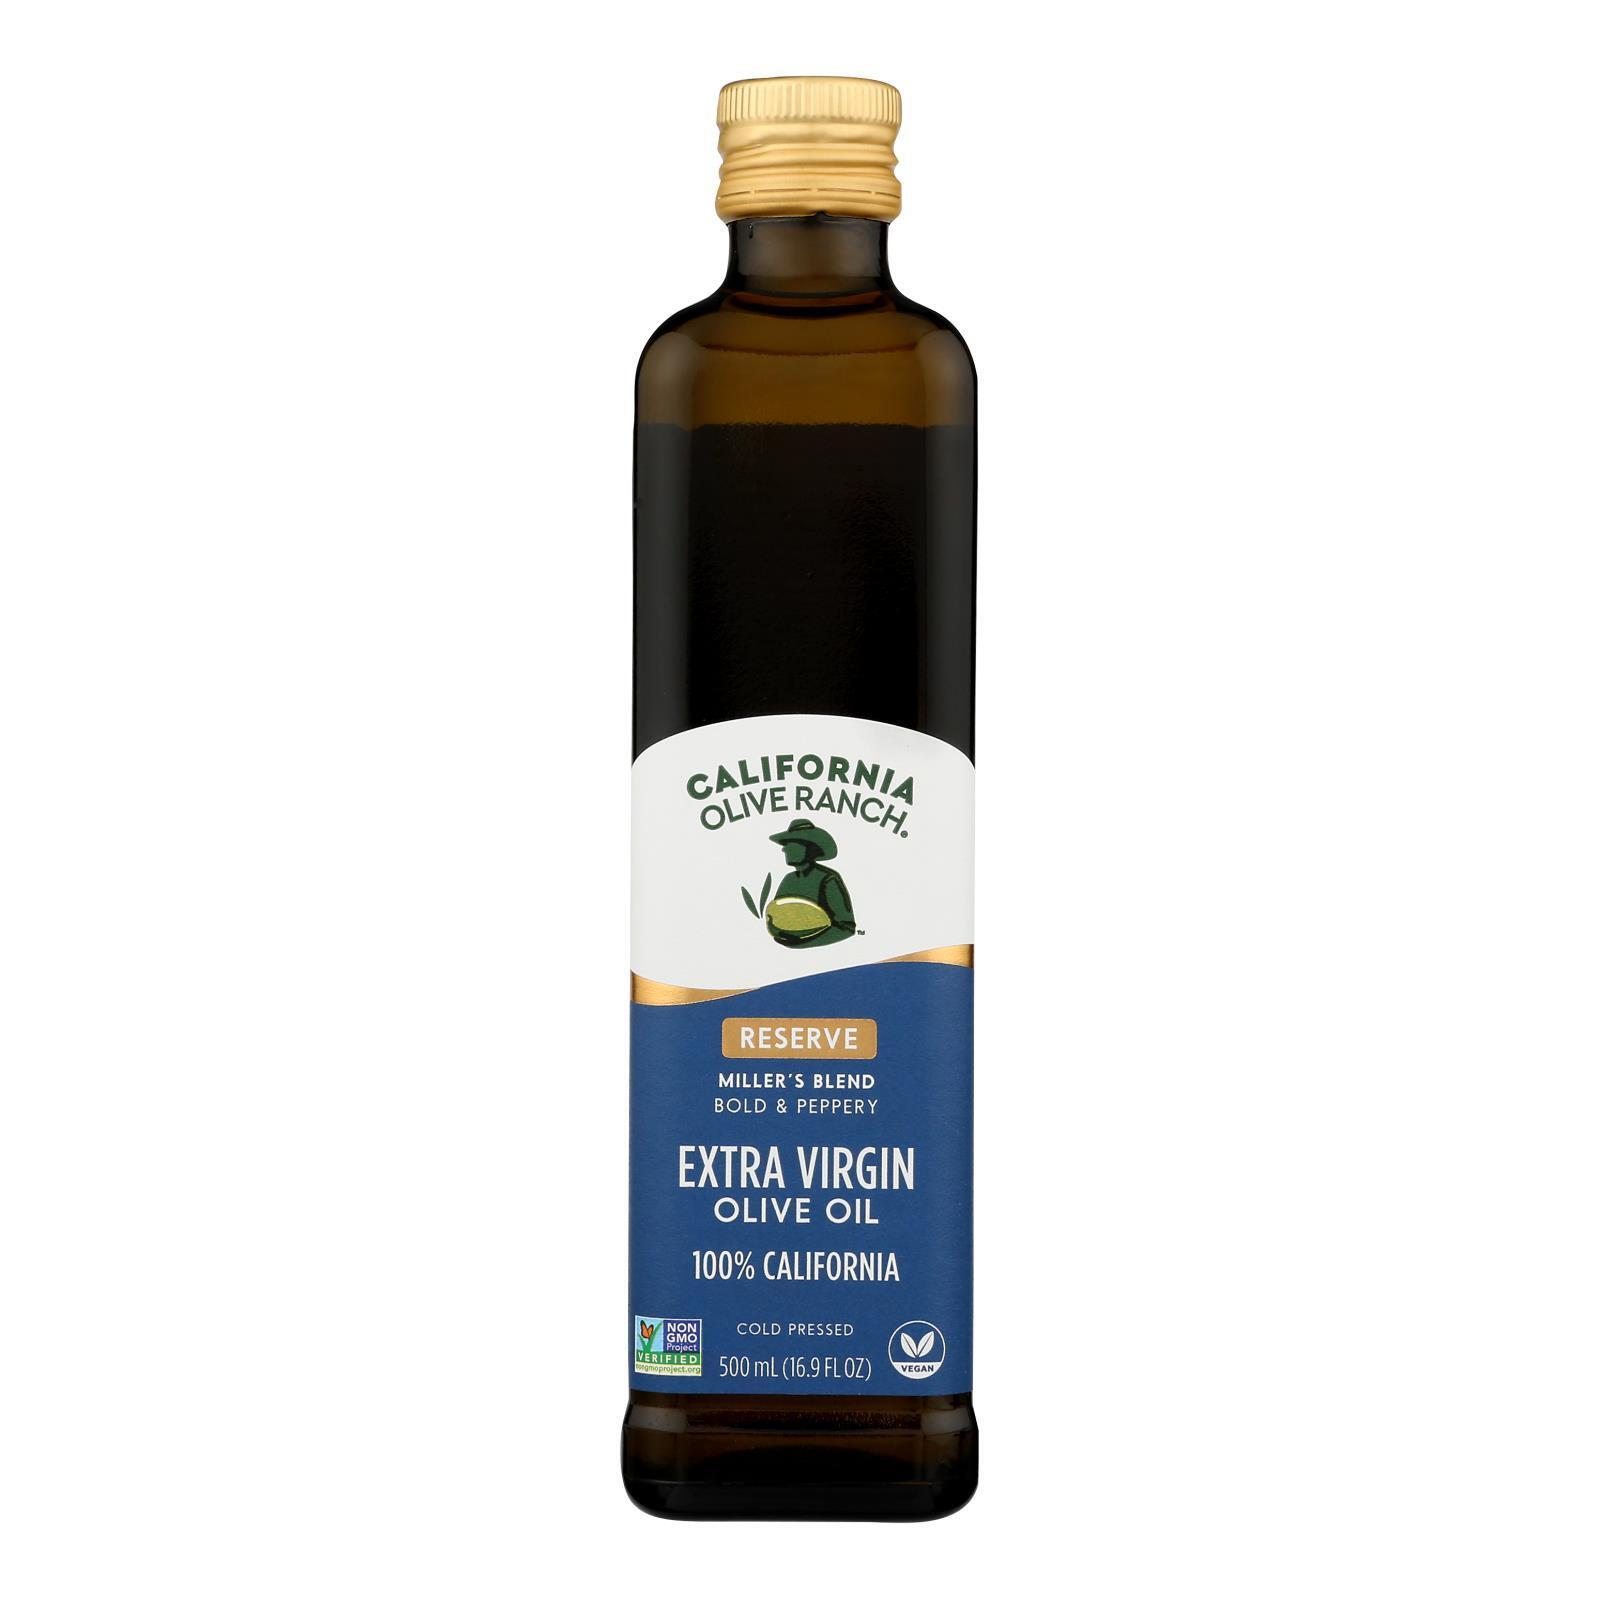 California Olive Ranch Extra Virgin Olive Oil - Miller Blend - Case of 6 - 16.9 fl oz